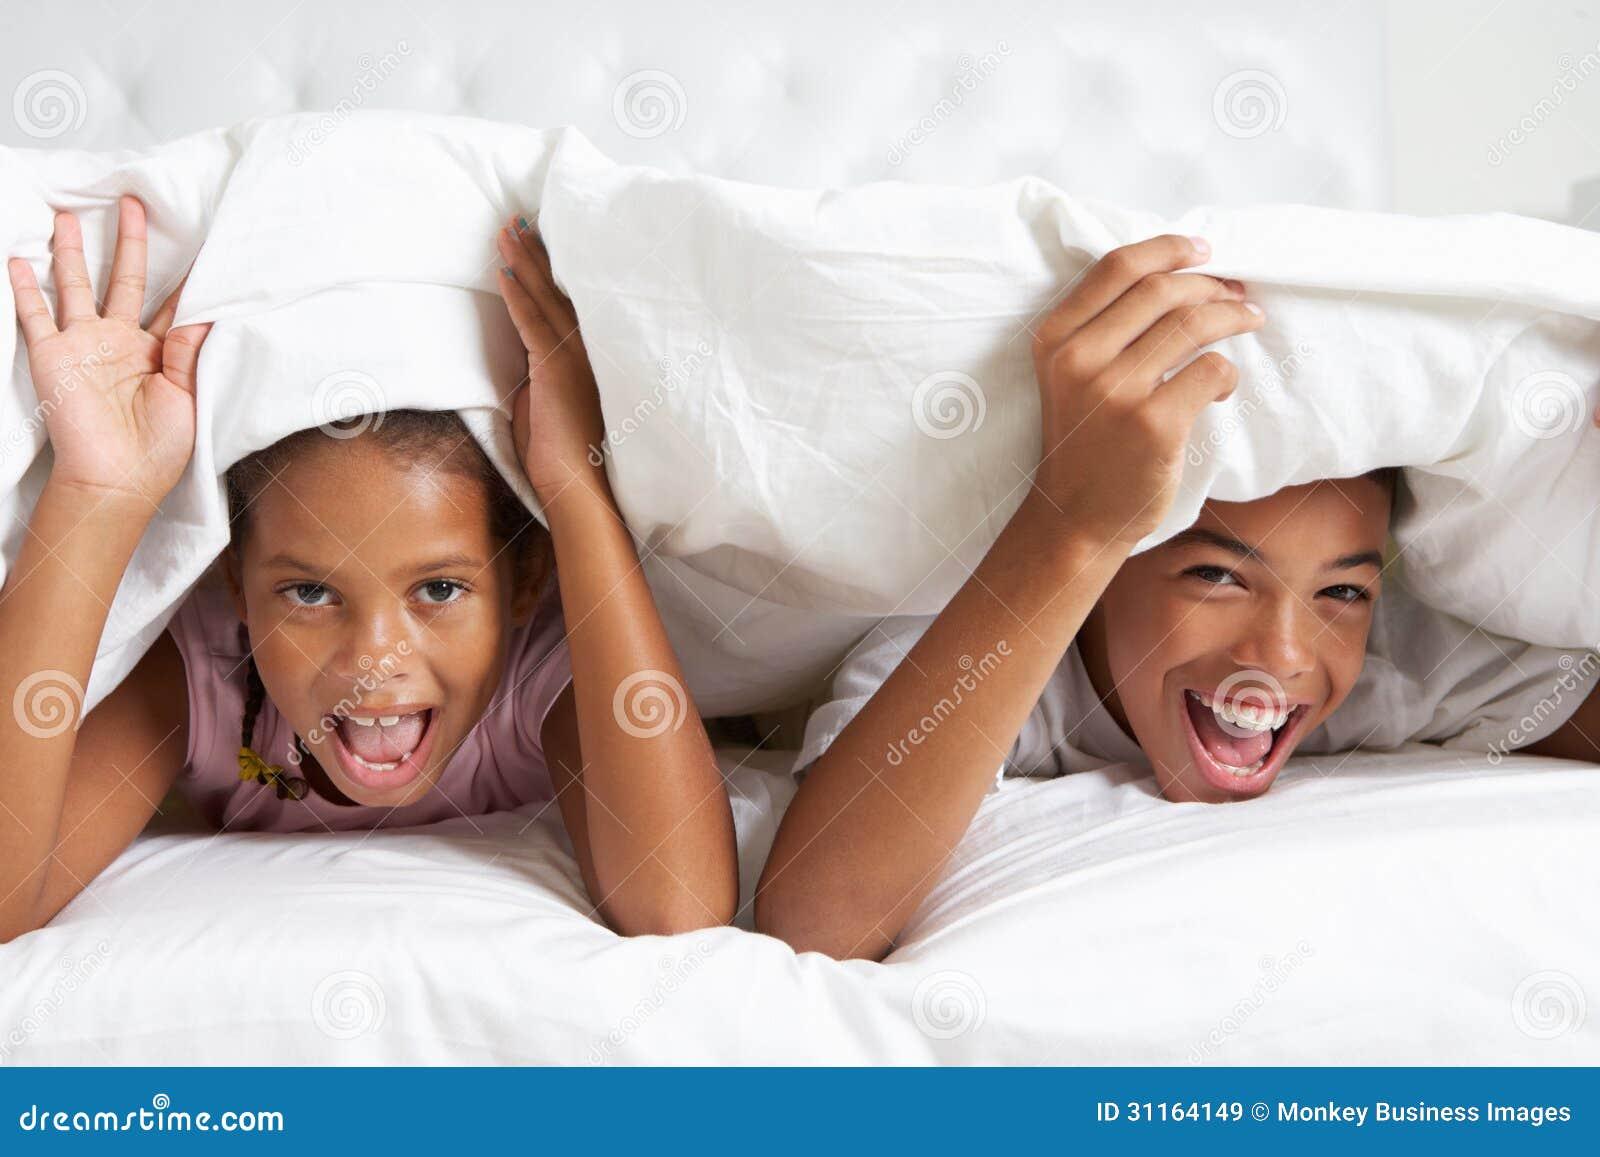 deux enfants se cachant sous la couette dans le lit image stock image du m le indoors 31164149. Black Bedroom Furniture Sets. Home Design Ideas